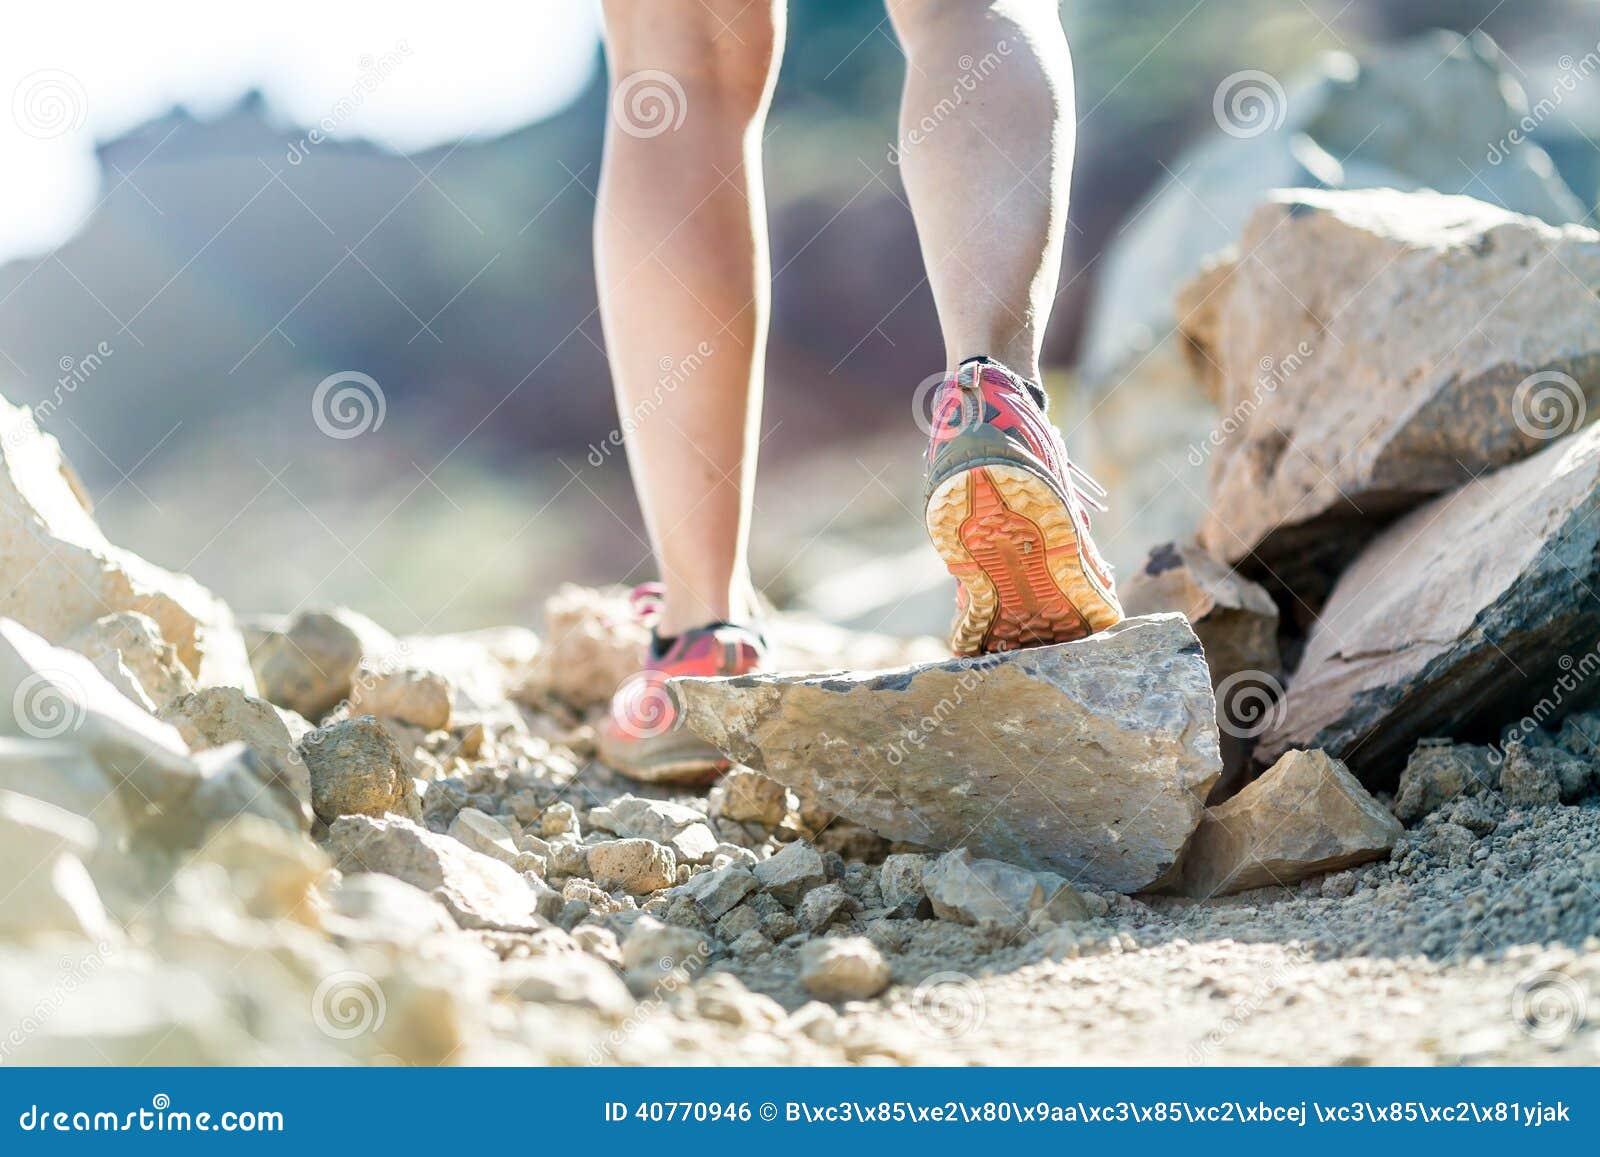 бегущие ноги девушек футаж раз месяц